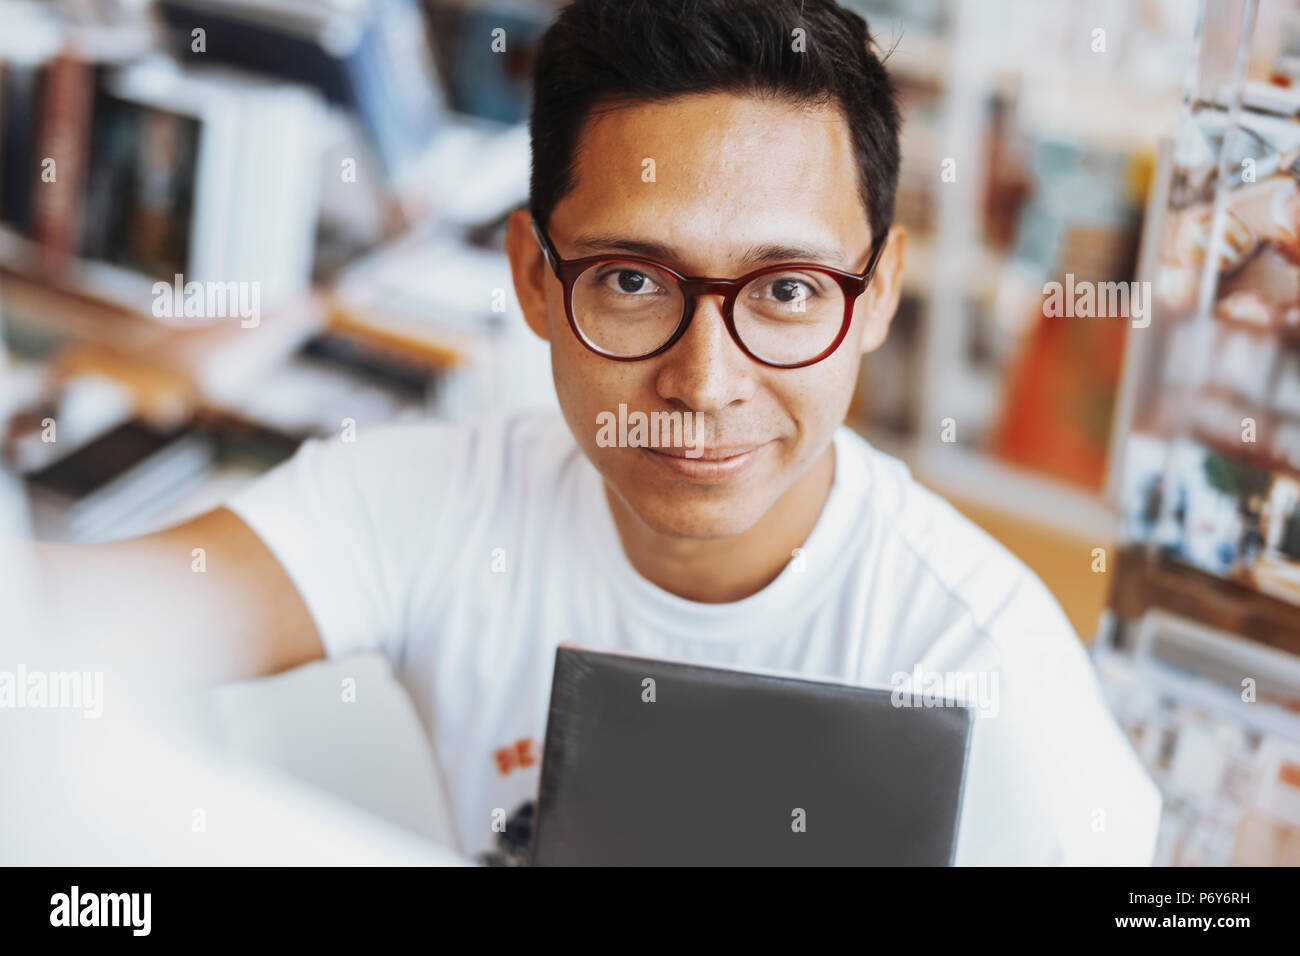 Atractiva joven oso hombre sonriendo y celebración de libro en las manos. Imagen De Stock